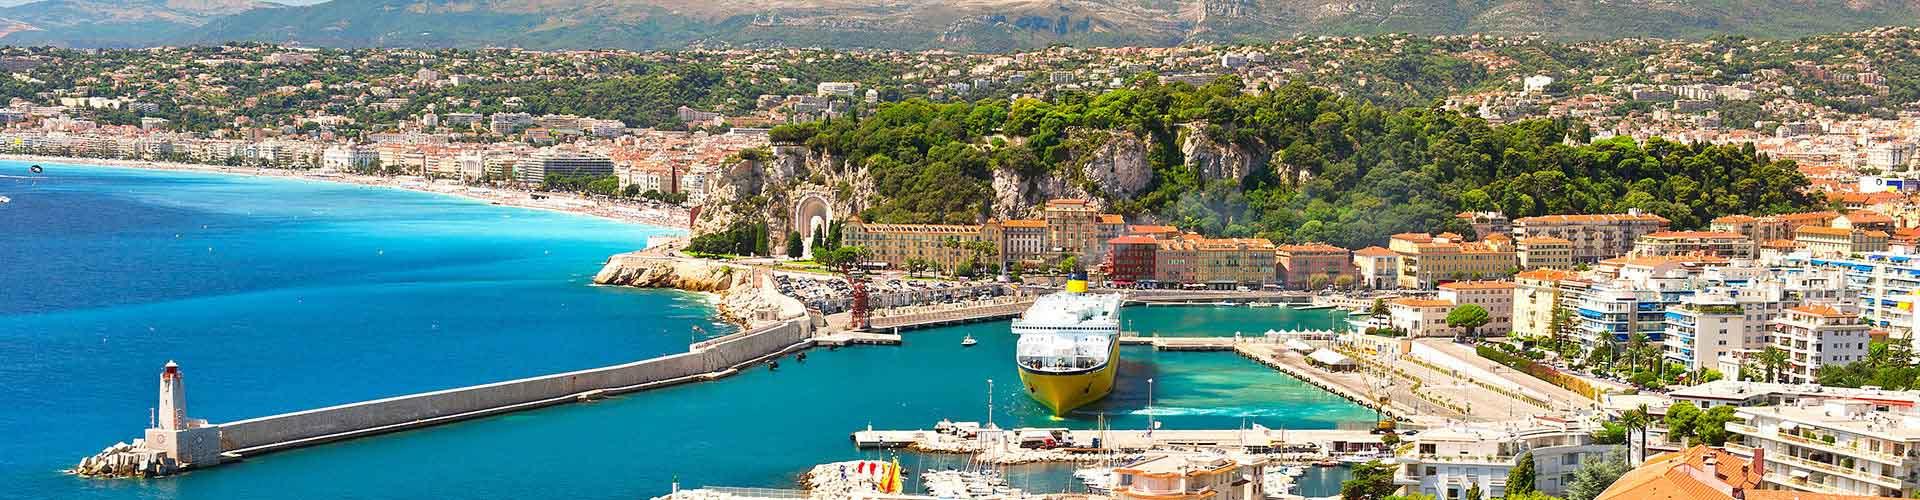 Nicea - Hostele w mieście: Nicea, Mapy: Nicea, Zdjęcia i Recenzje dla każdego hostelu w mieście Nicea.